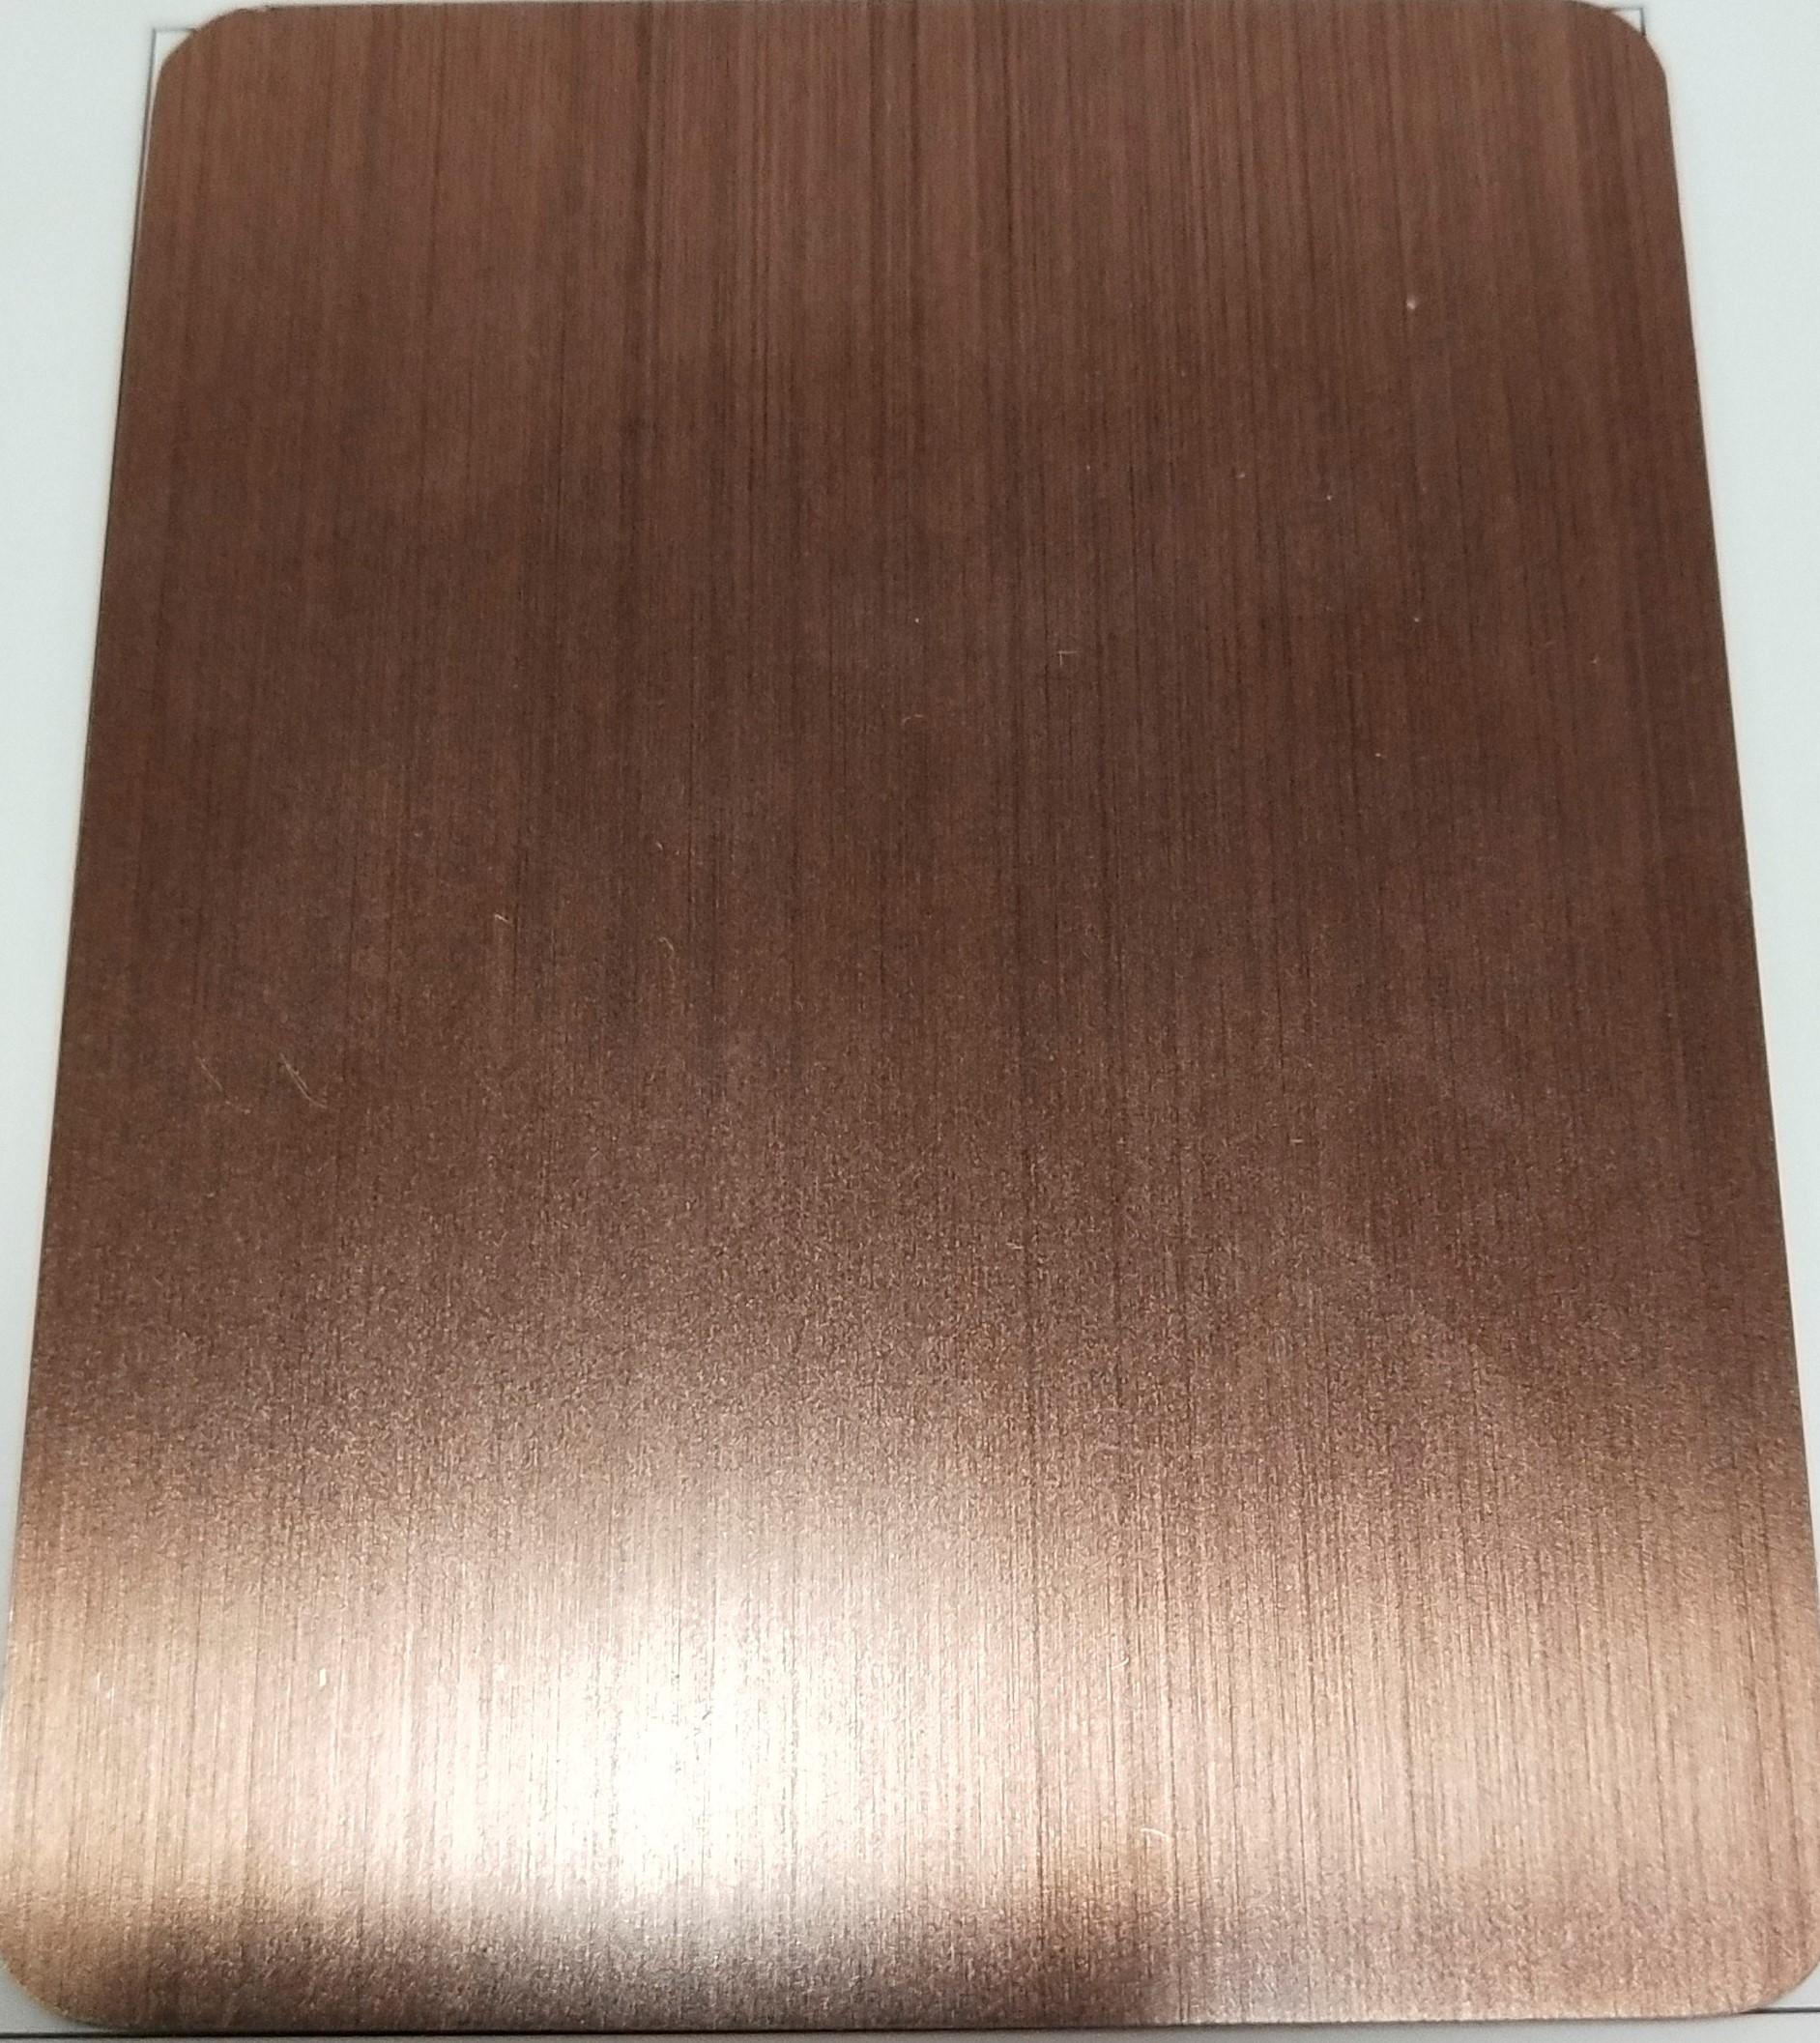 浅红古铜_不锈钢仿古做旧板